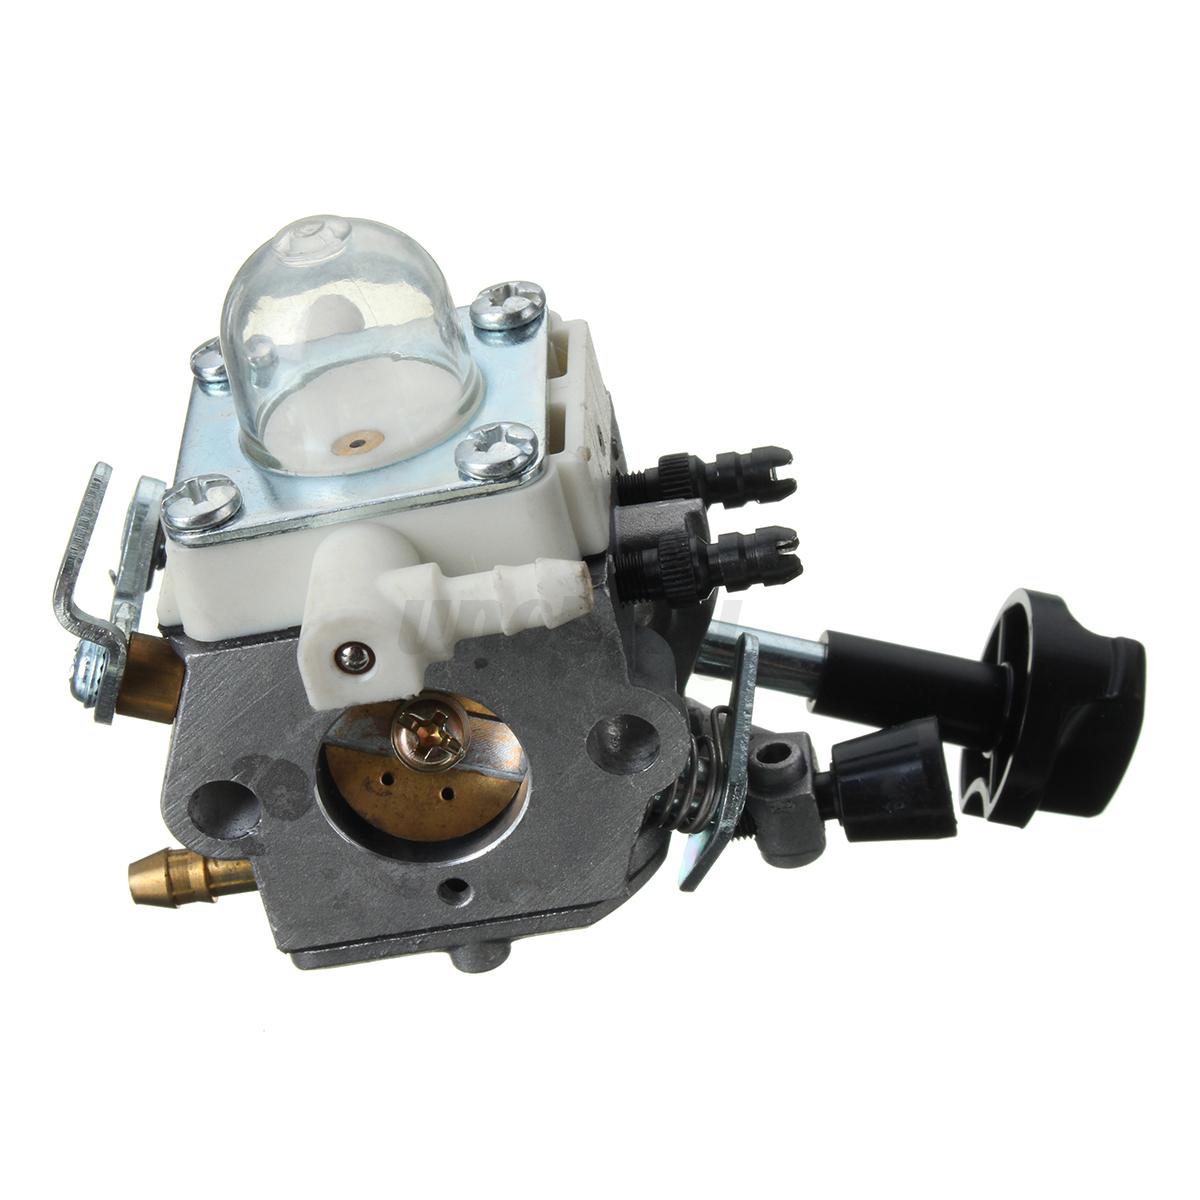 stihl bg 56 blower manual